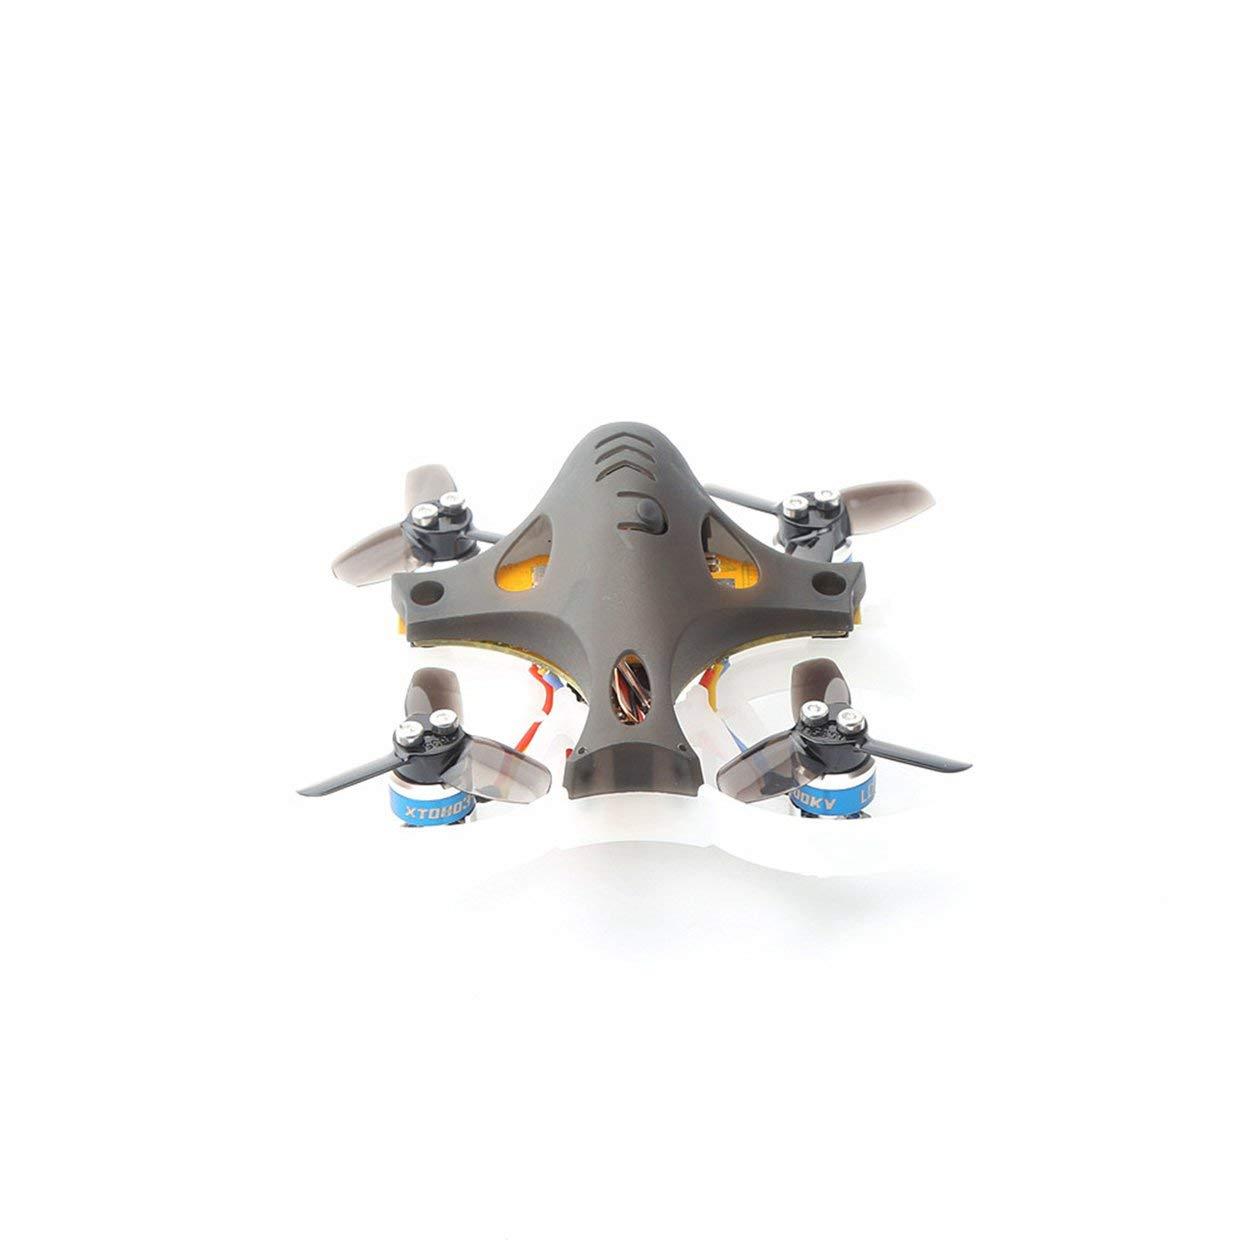 Dailyinshop LDARC Tiny GT7 75mm FPV Mini Brushless Racing Drone mit AC900 Empfänger PNP